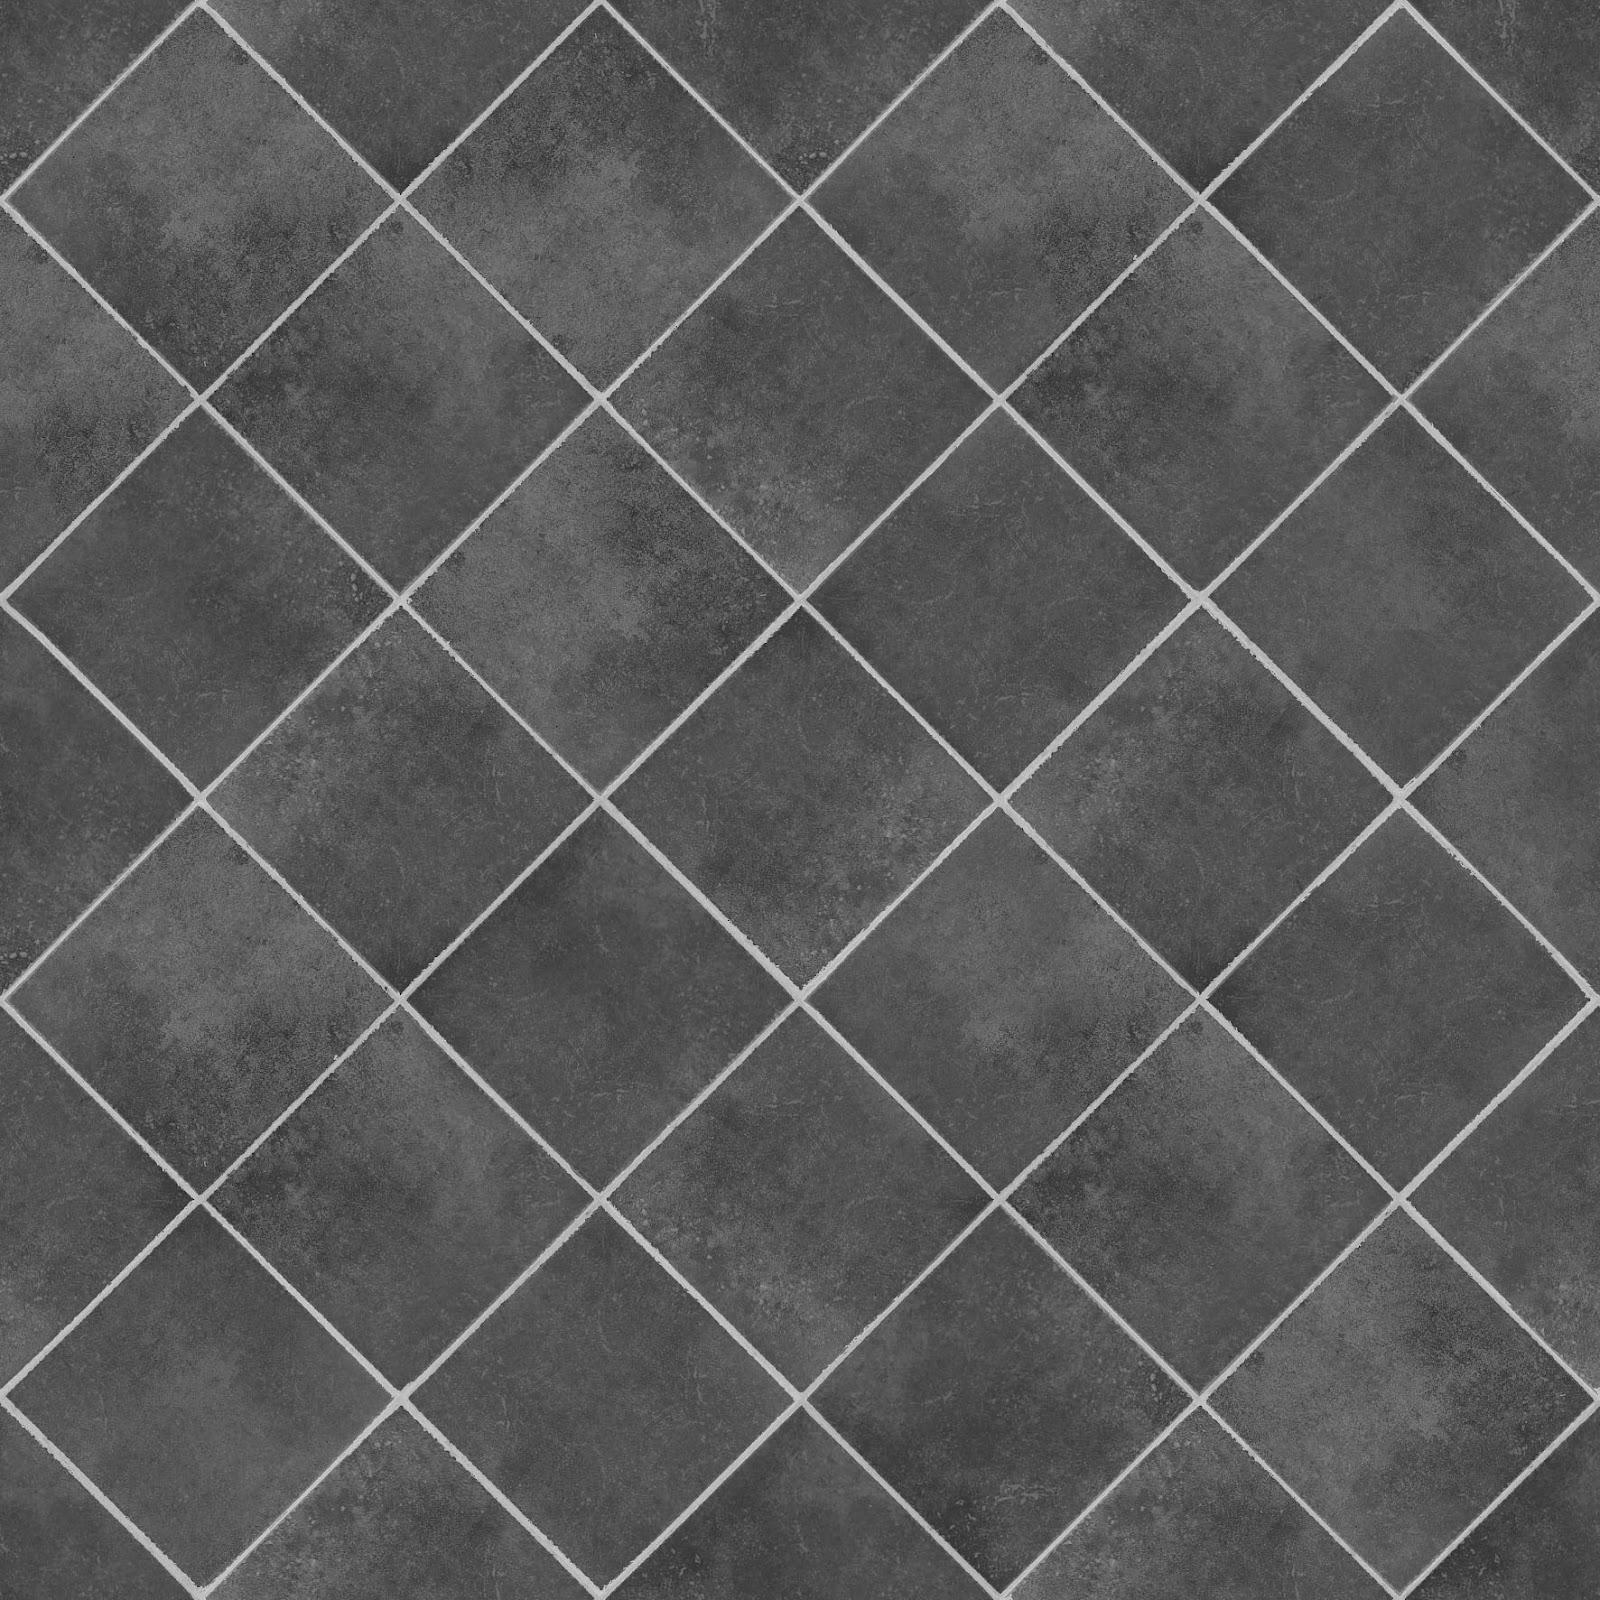 modern tile floor texture. Bathroom Tiles Texture Ainove Grey Floor Tile In Modern E